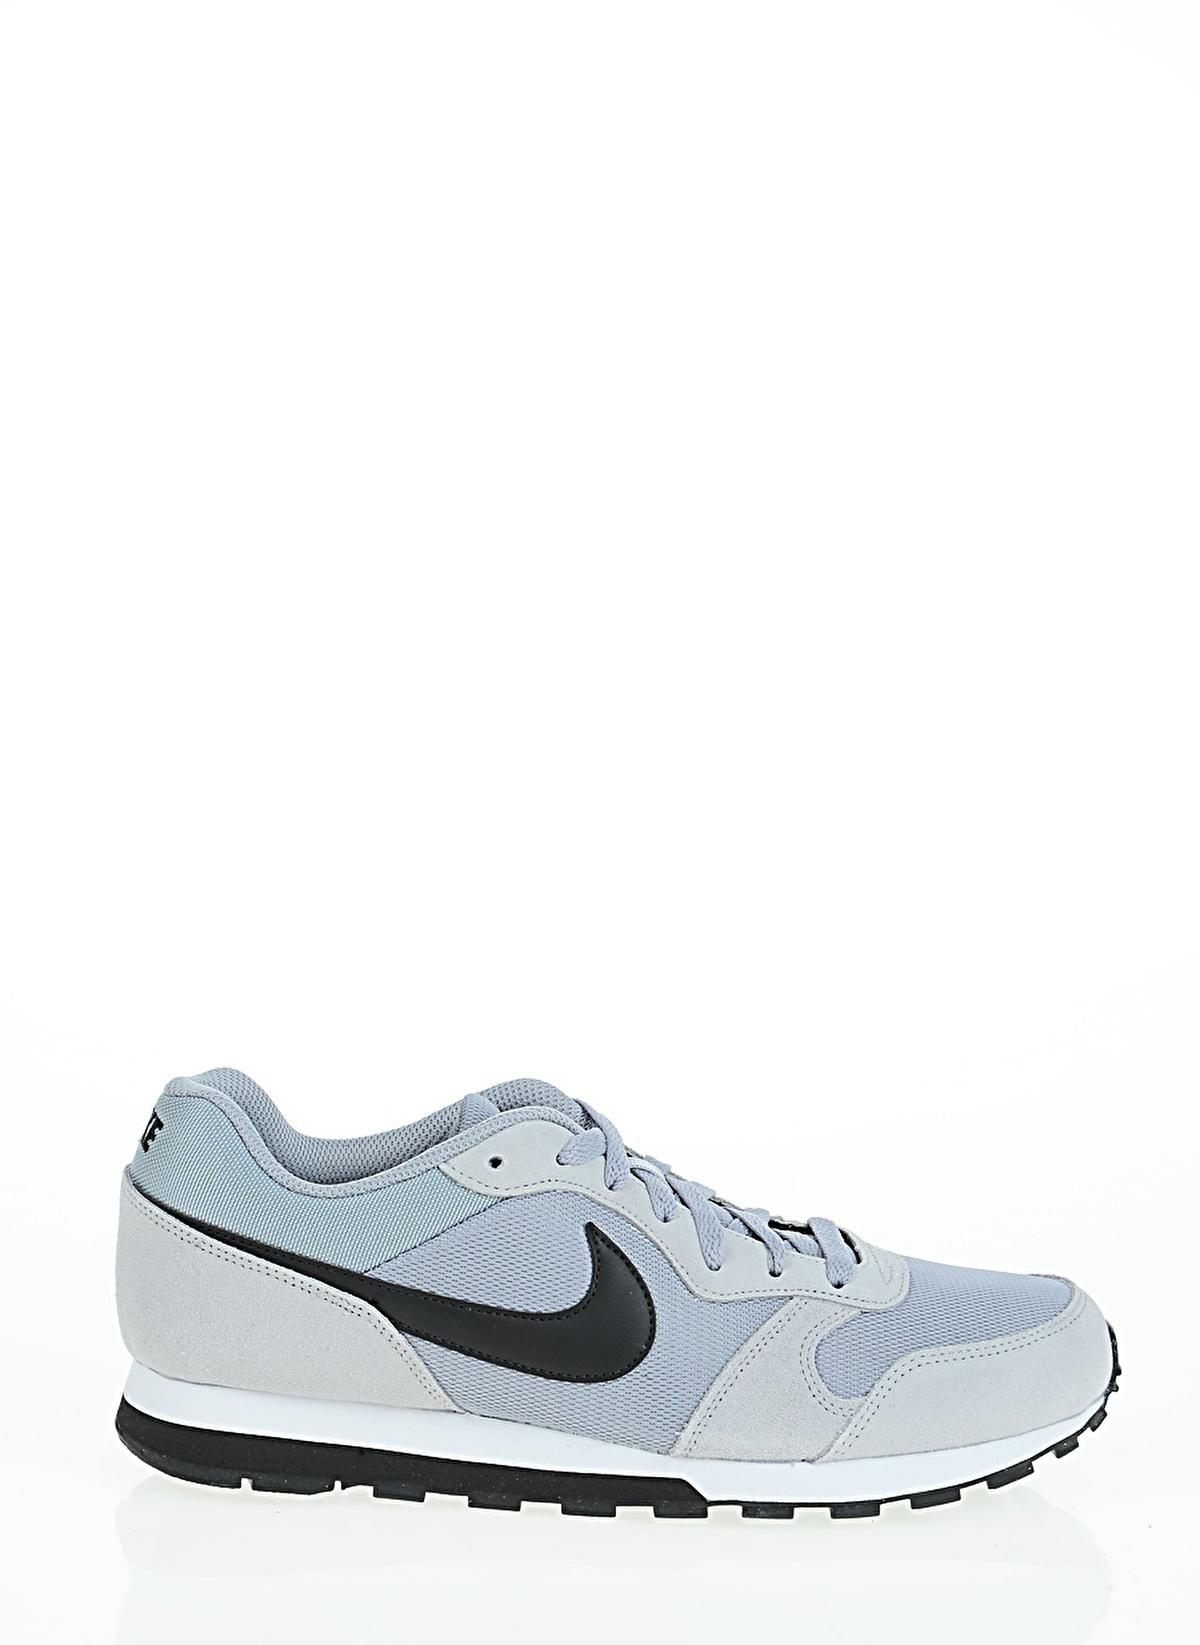 7c69c615a7 Nike Erkek Md Runner 2 Wolf Grey Black-White.